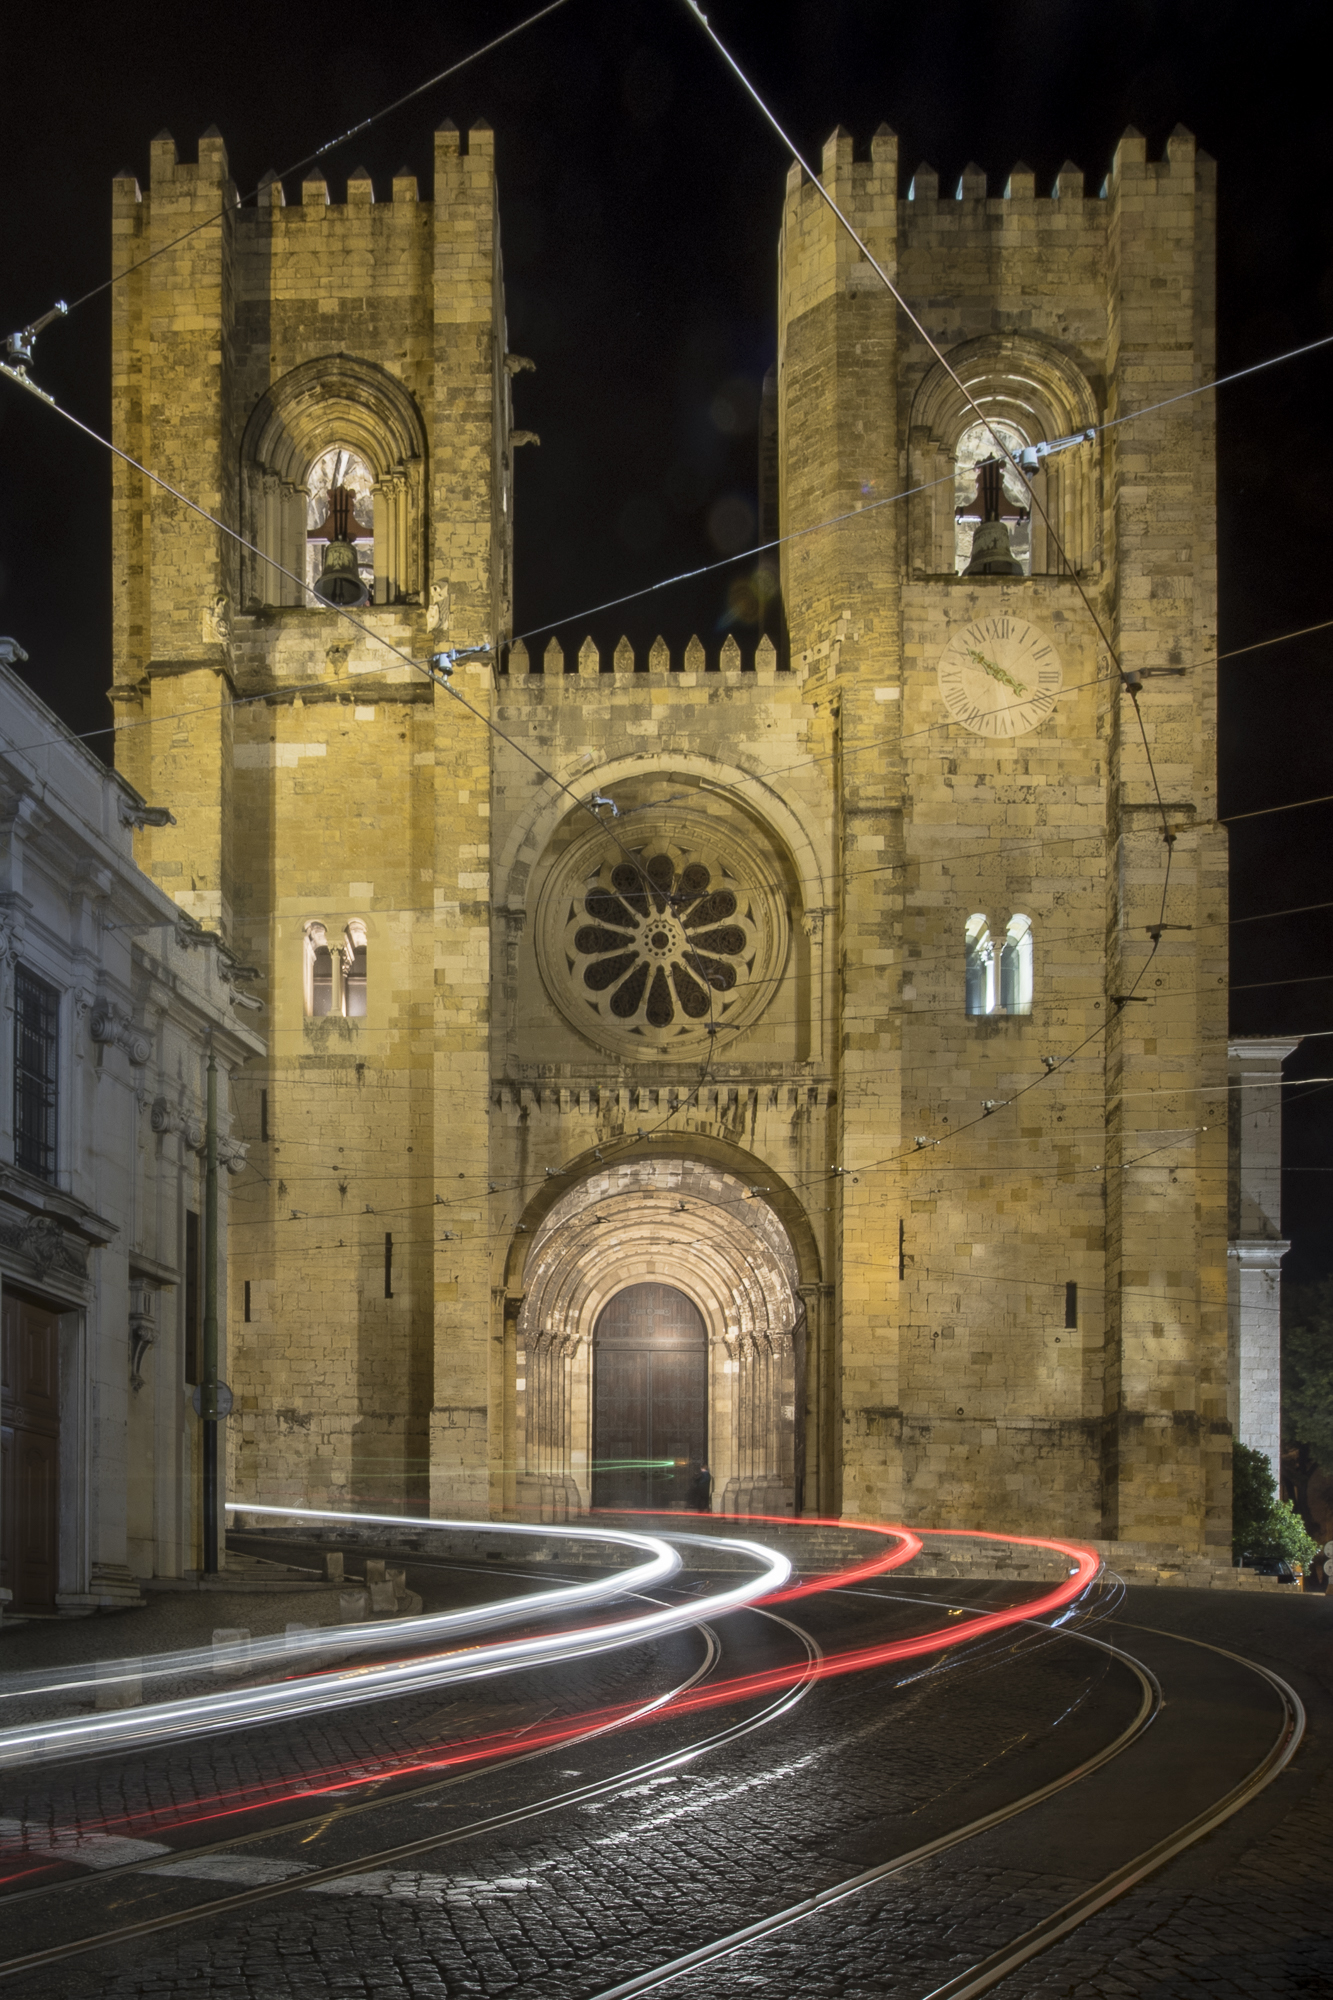 Lisbon Cathedral  PHOTOGRAPHY: ALEXANDER J.E. BRADLEY •NIKON D500 • AF-S NIKKOR 14-24mm f/2.8G ED • 15mm • F/22 •15 seconds •ISO 50